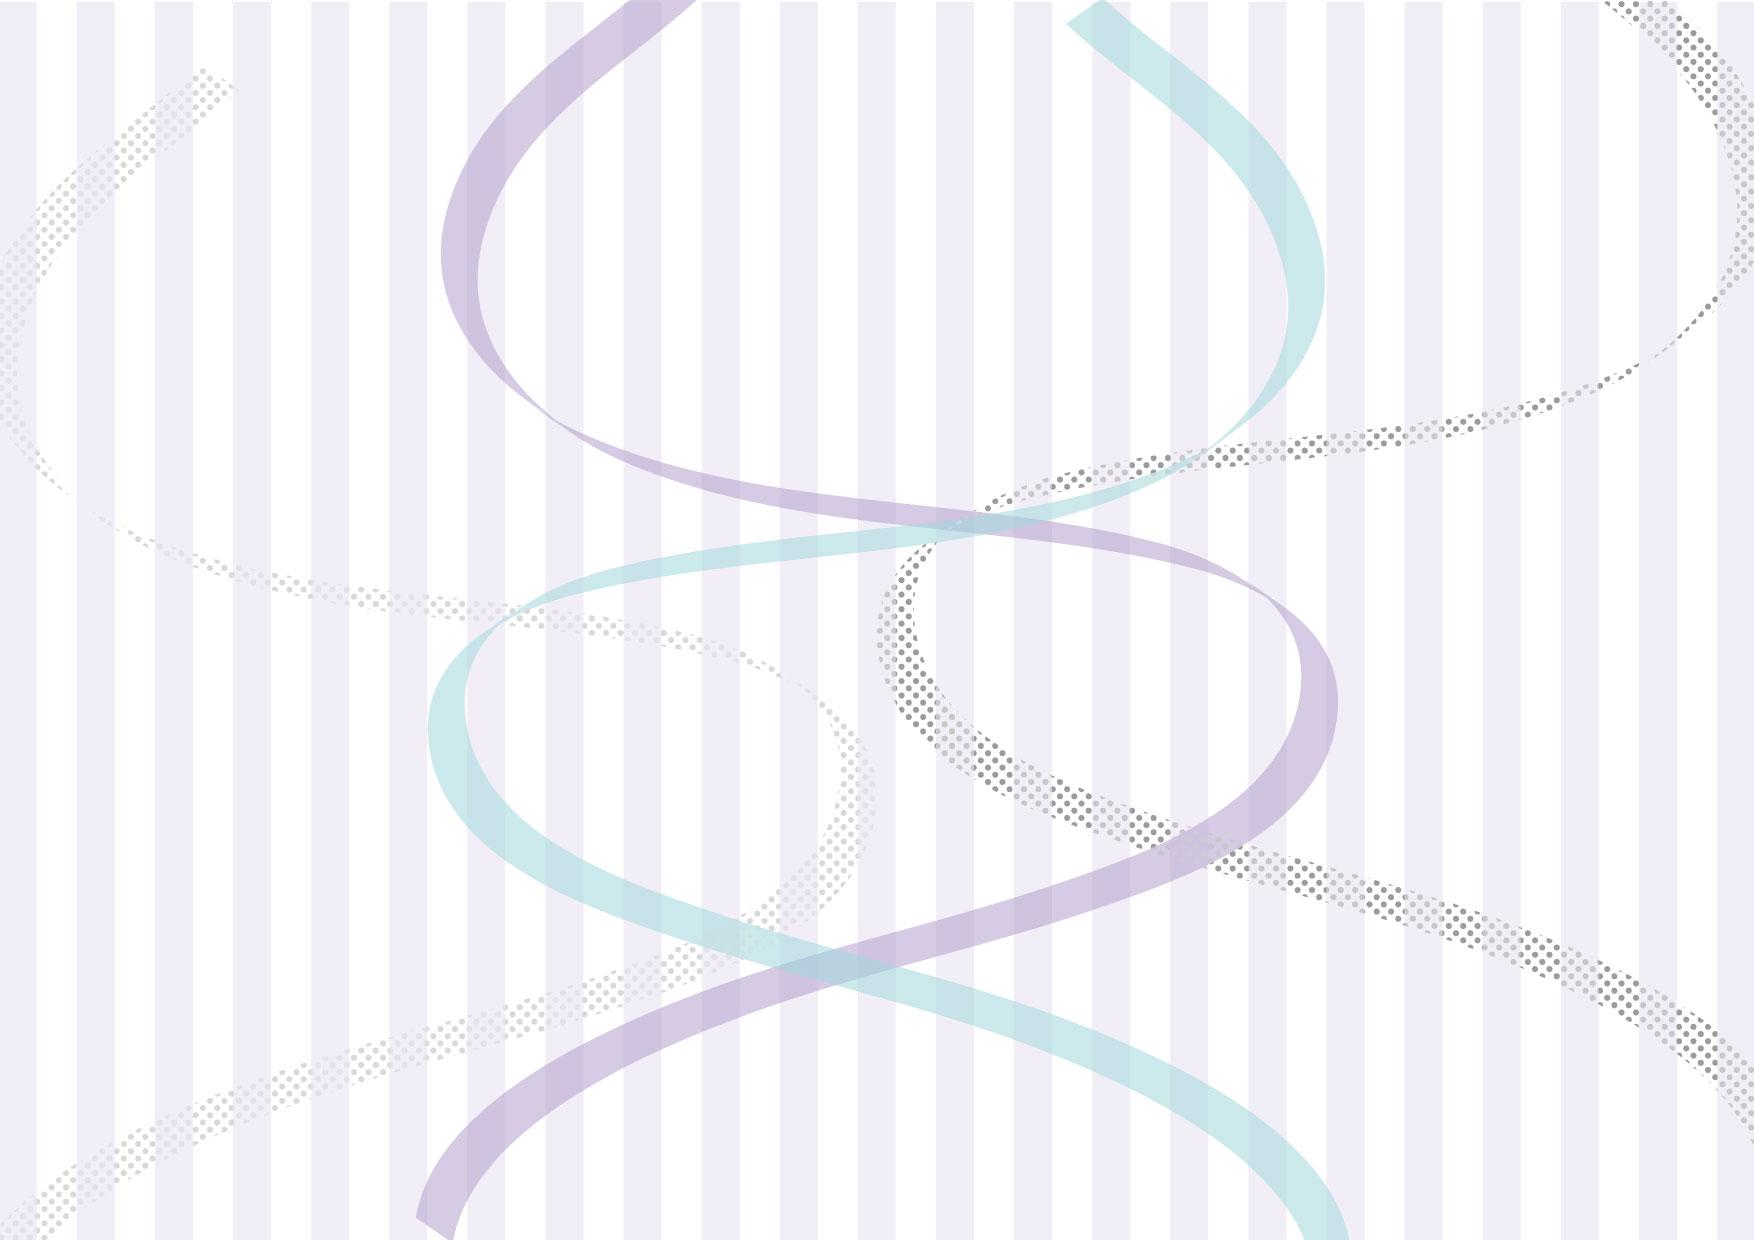 可愛いイラスト無料|リボン ストライプ 紫 背景 − free illustration Ribbon stripe purple background